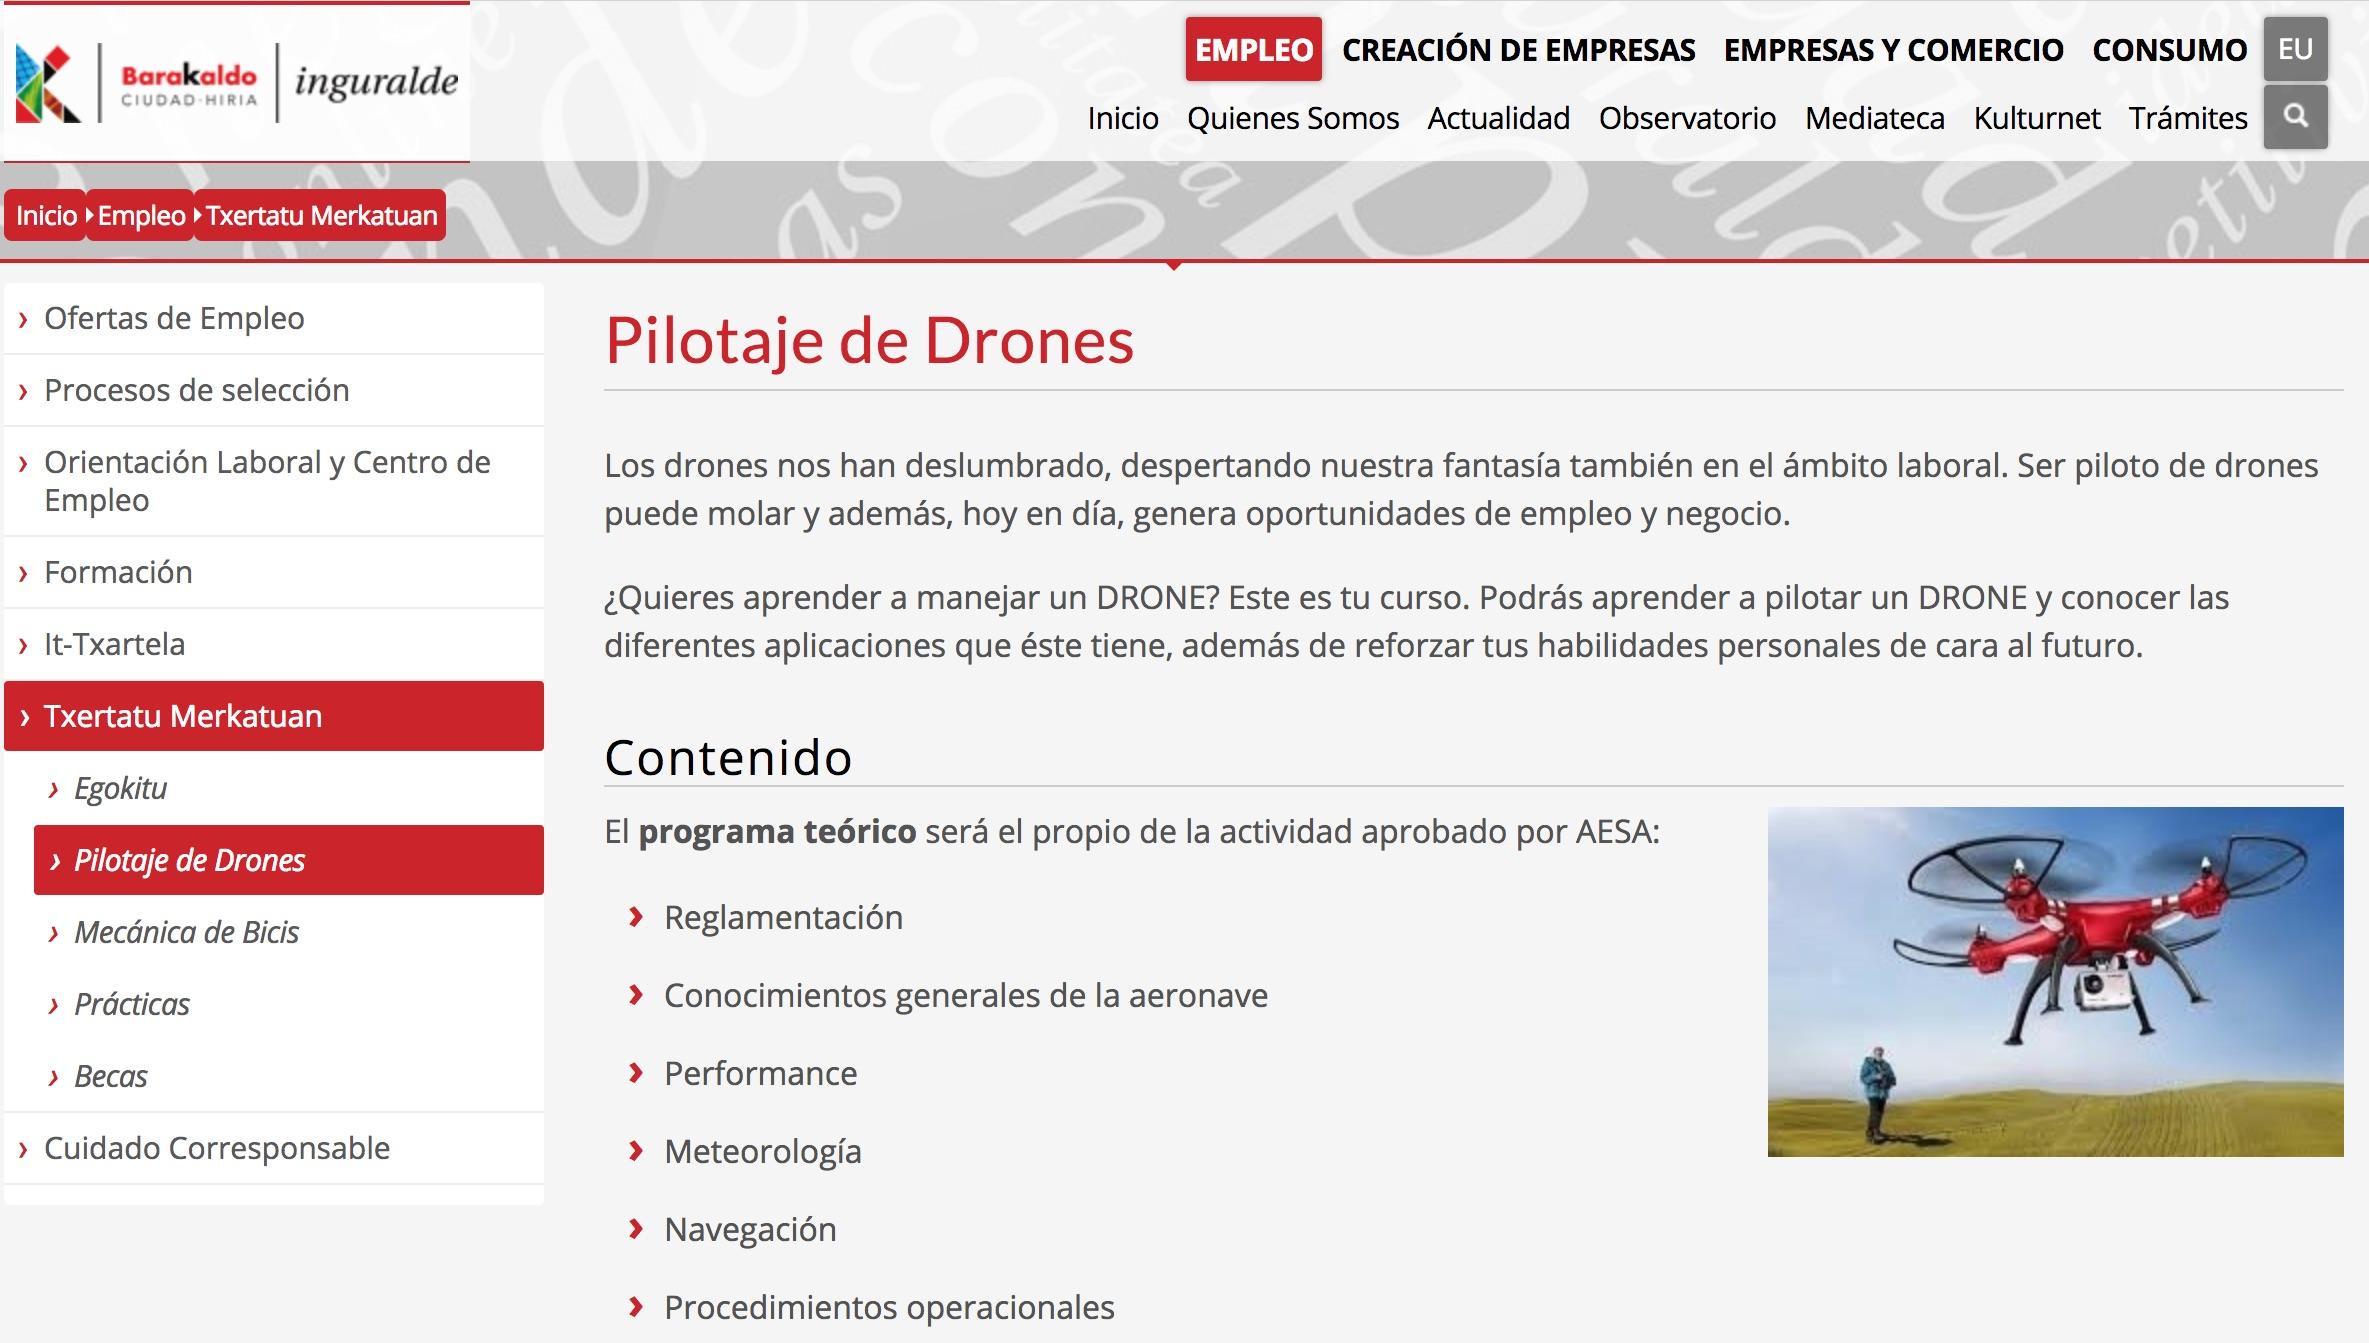 Curso De Formacion De Pilotaje De Drones En Barakaldo Por Inguralde Desempleados